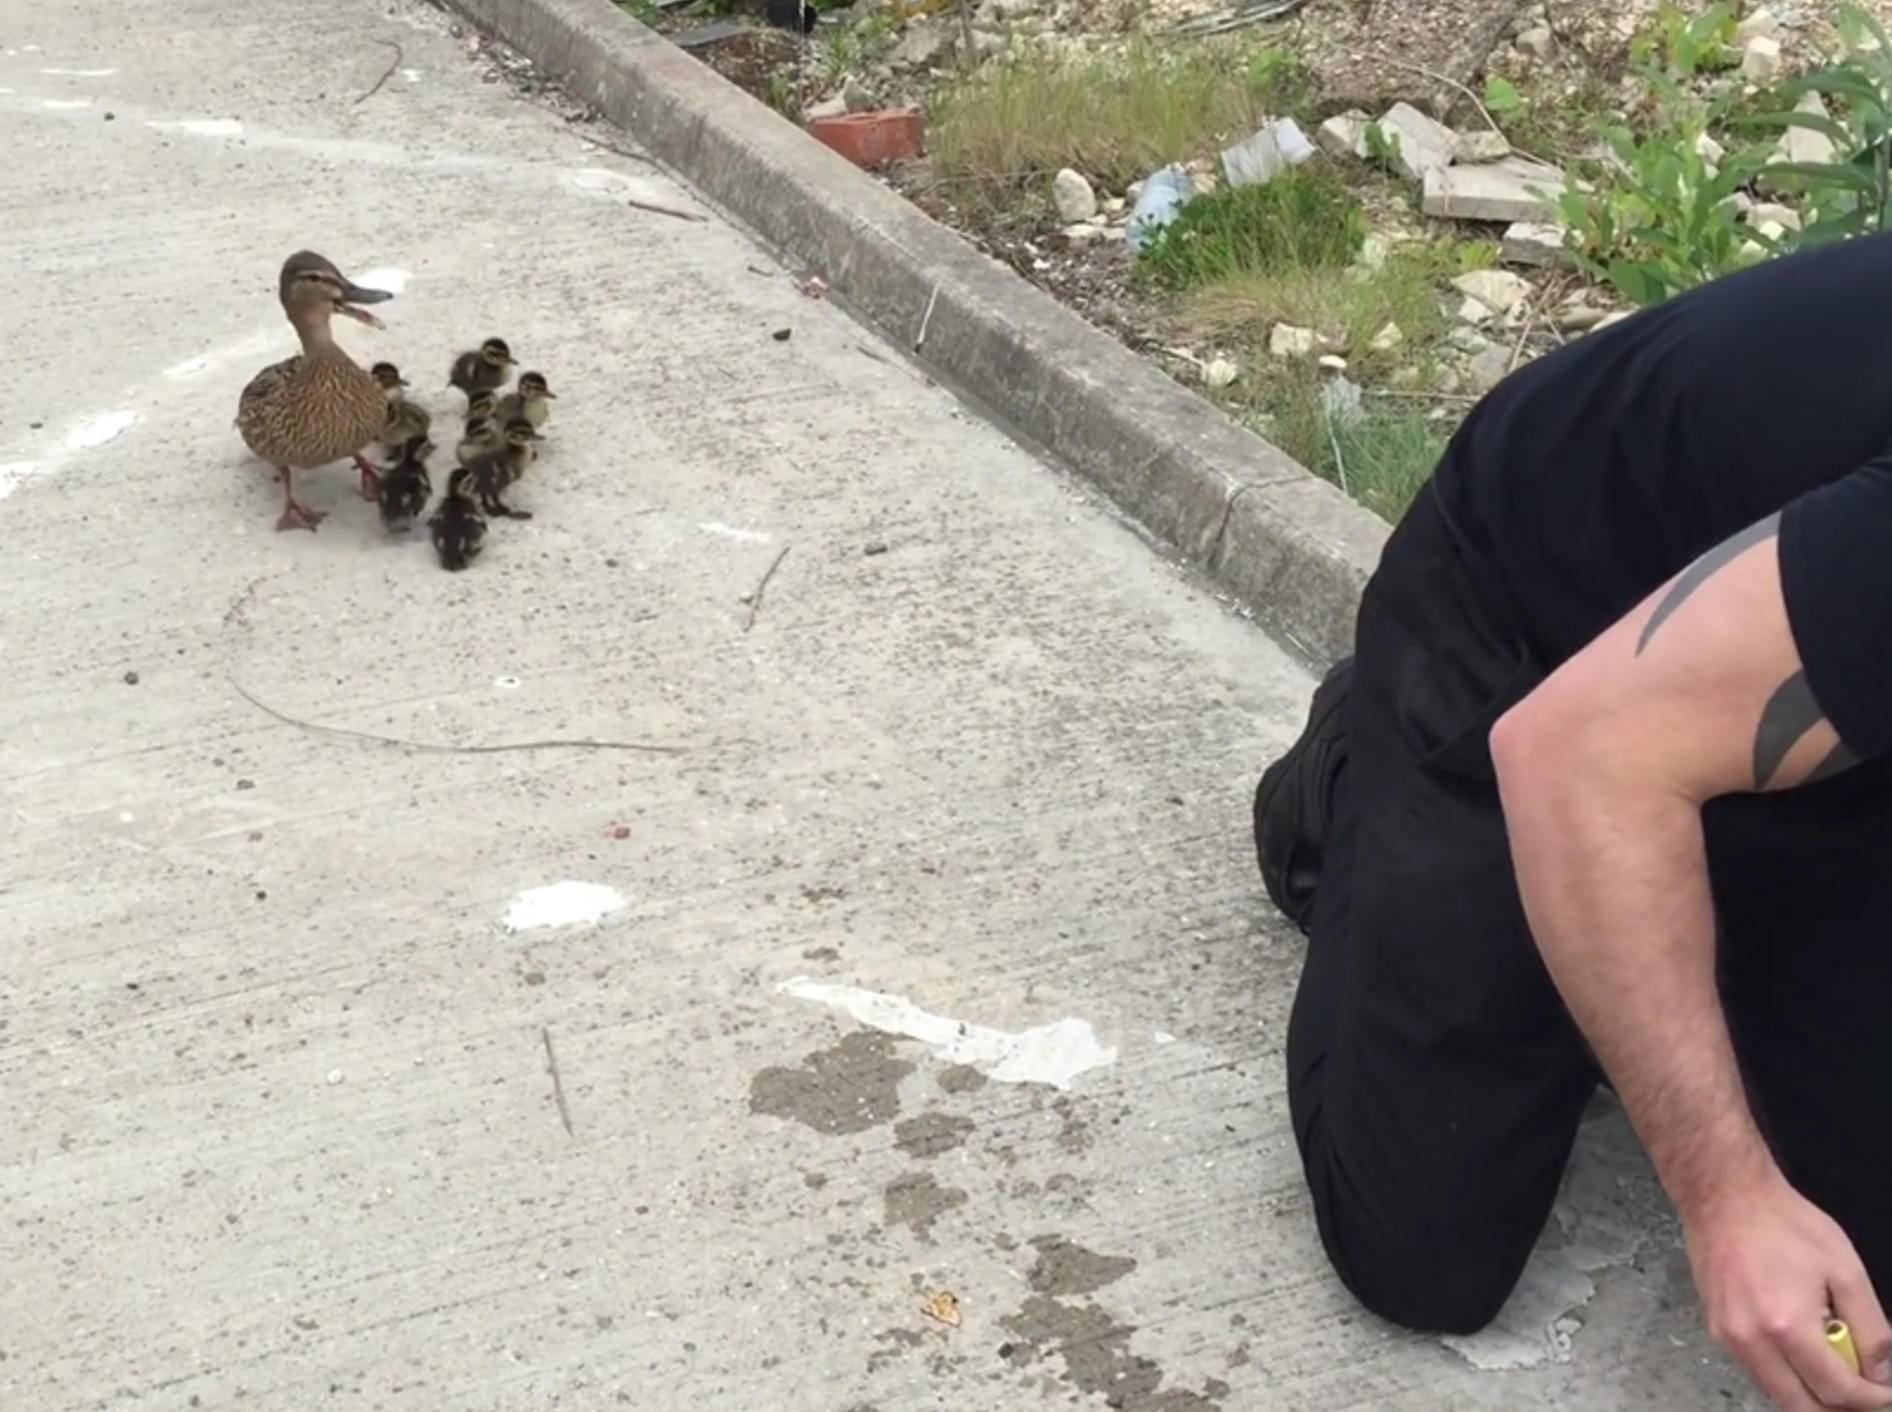 Danke, sagt die Entenmama zum tapferen Retter – YouTube / pippa tetley